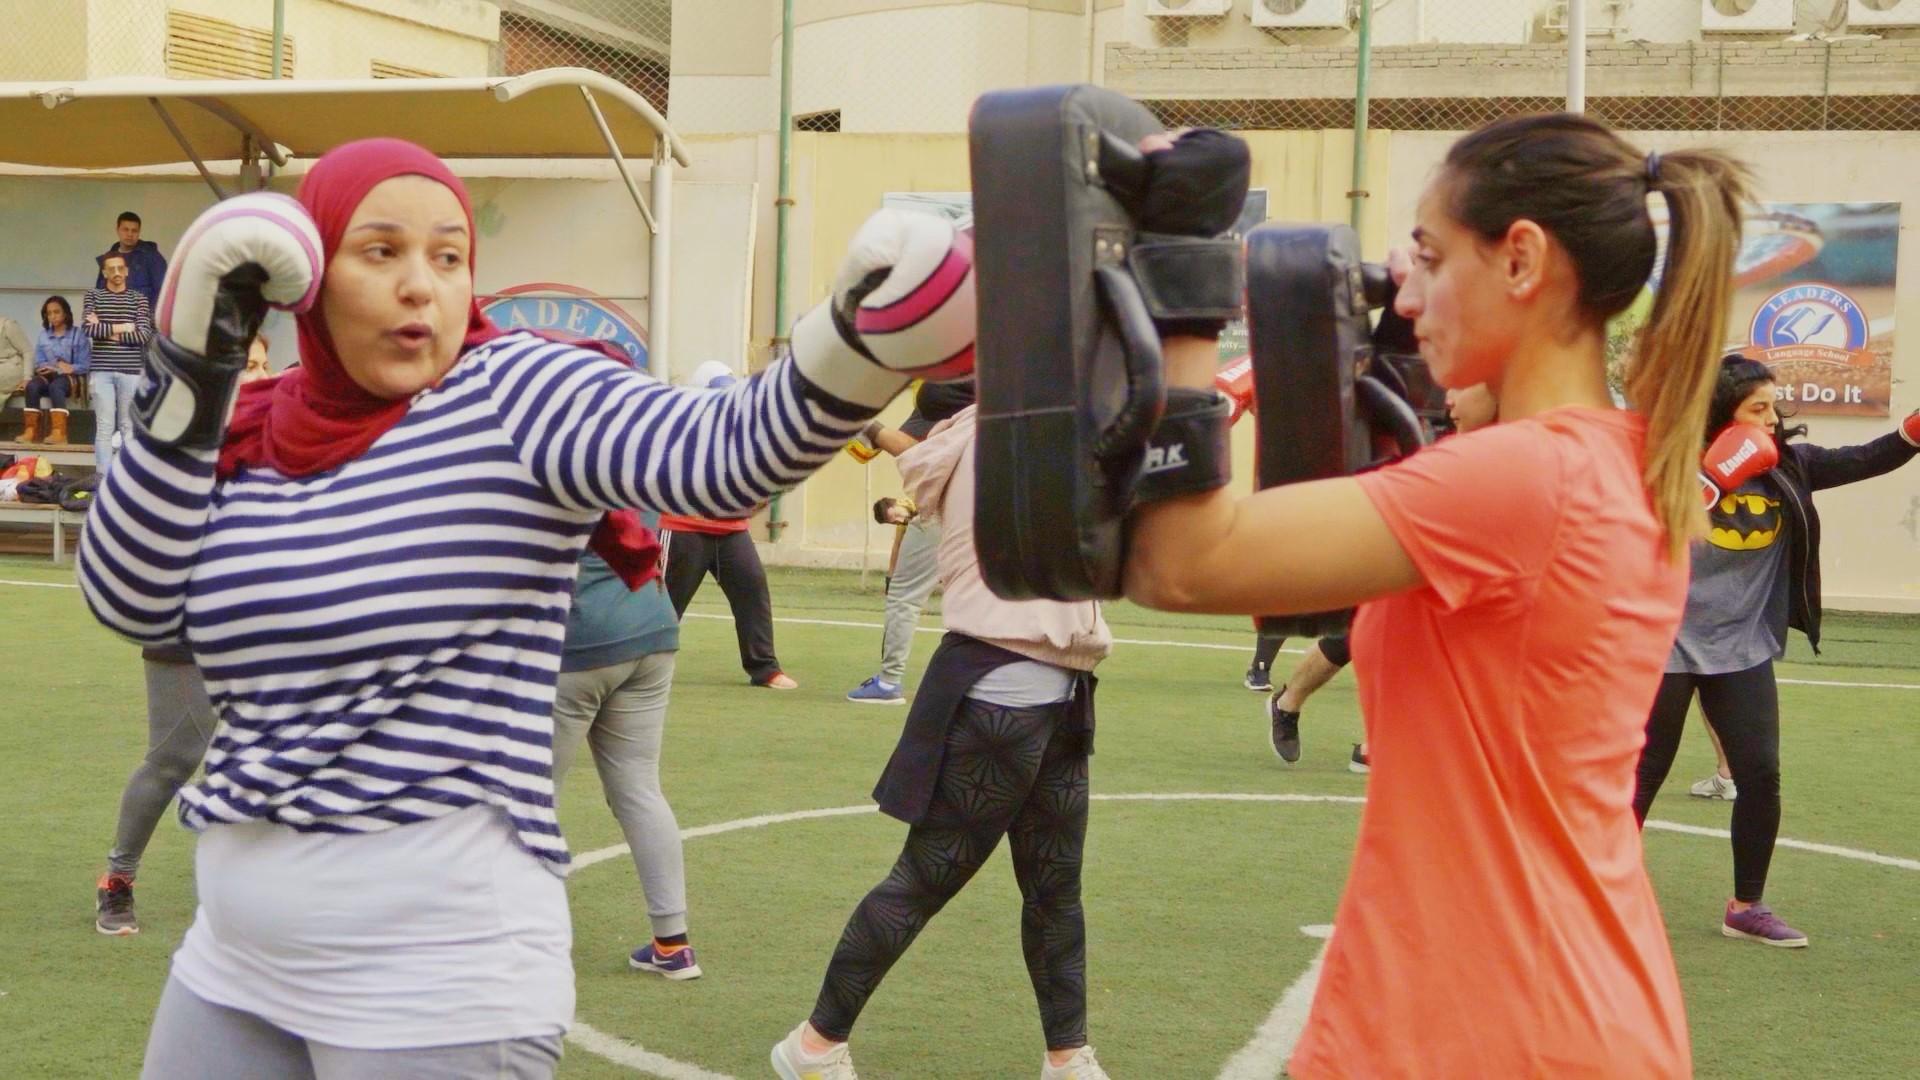 أهمية ممارسة رياضة kick box وخاصة للبنات لكل الأعمار